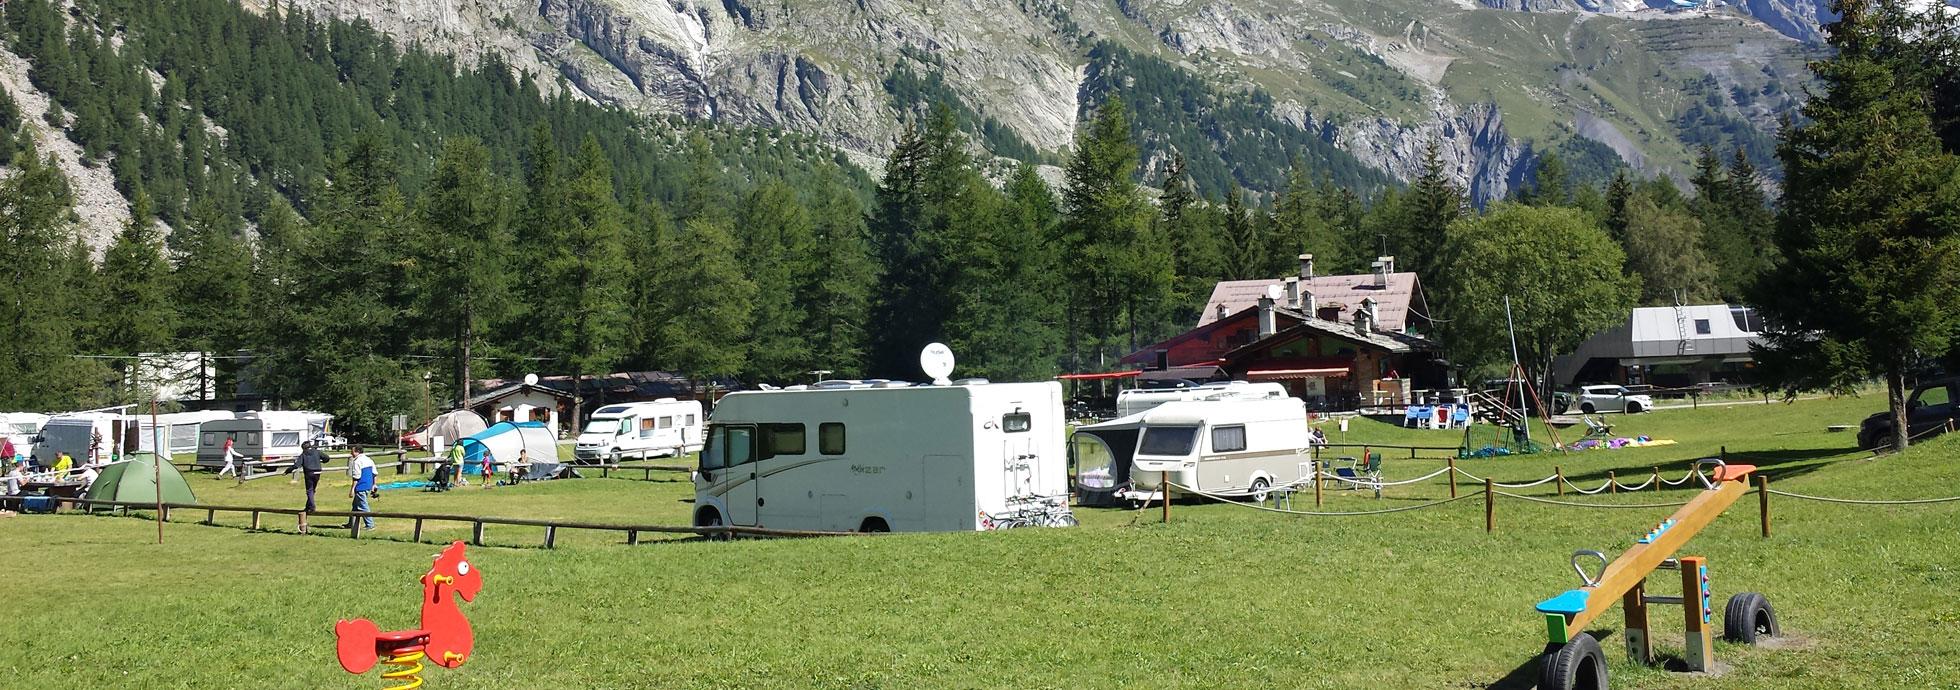 campeggio - vista panoramica